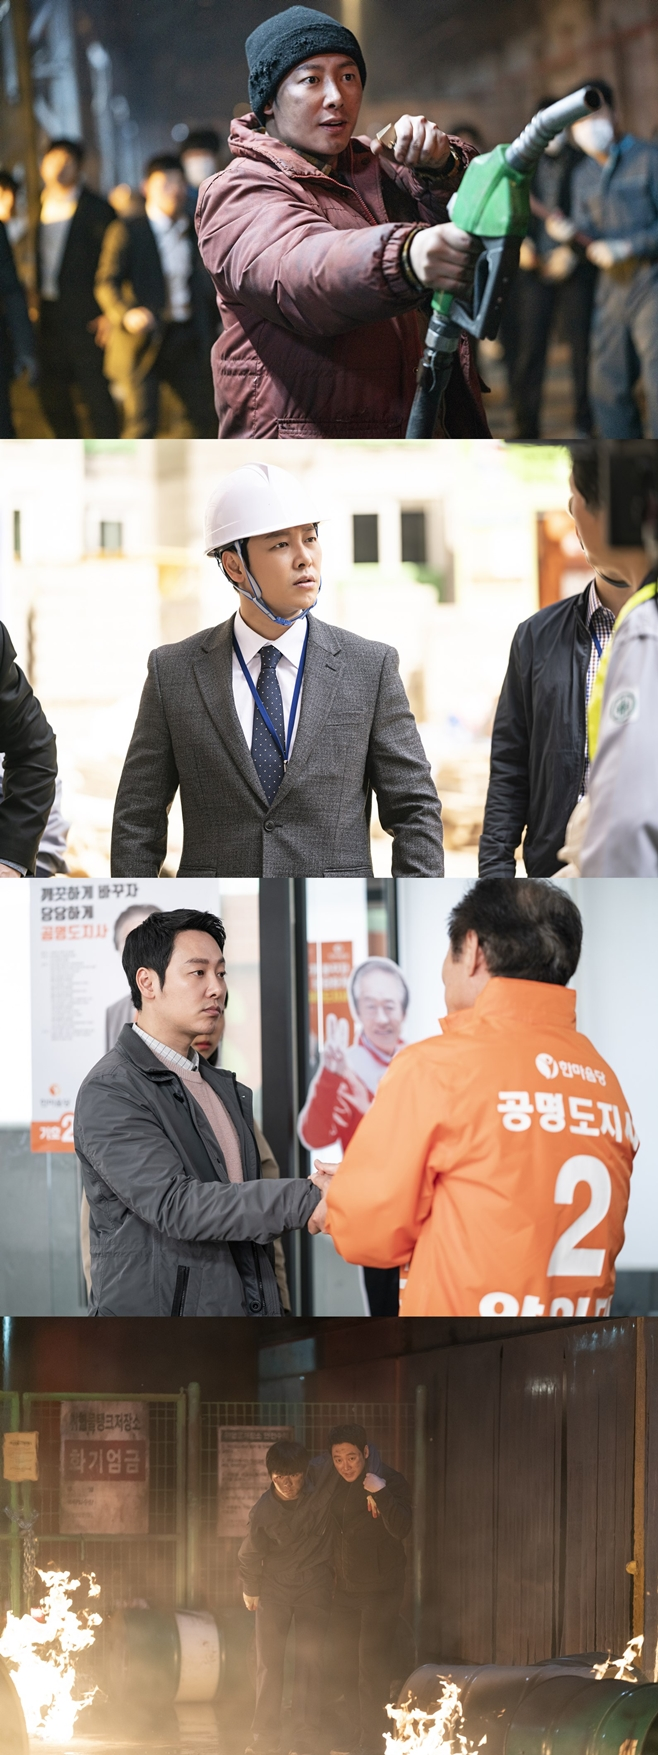 MBC 특별근로감독관 조장풍, 김동욱